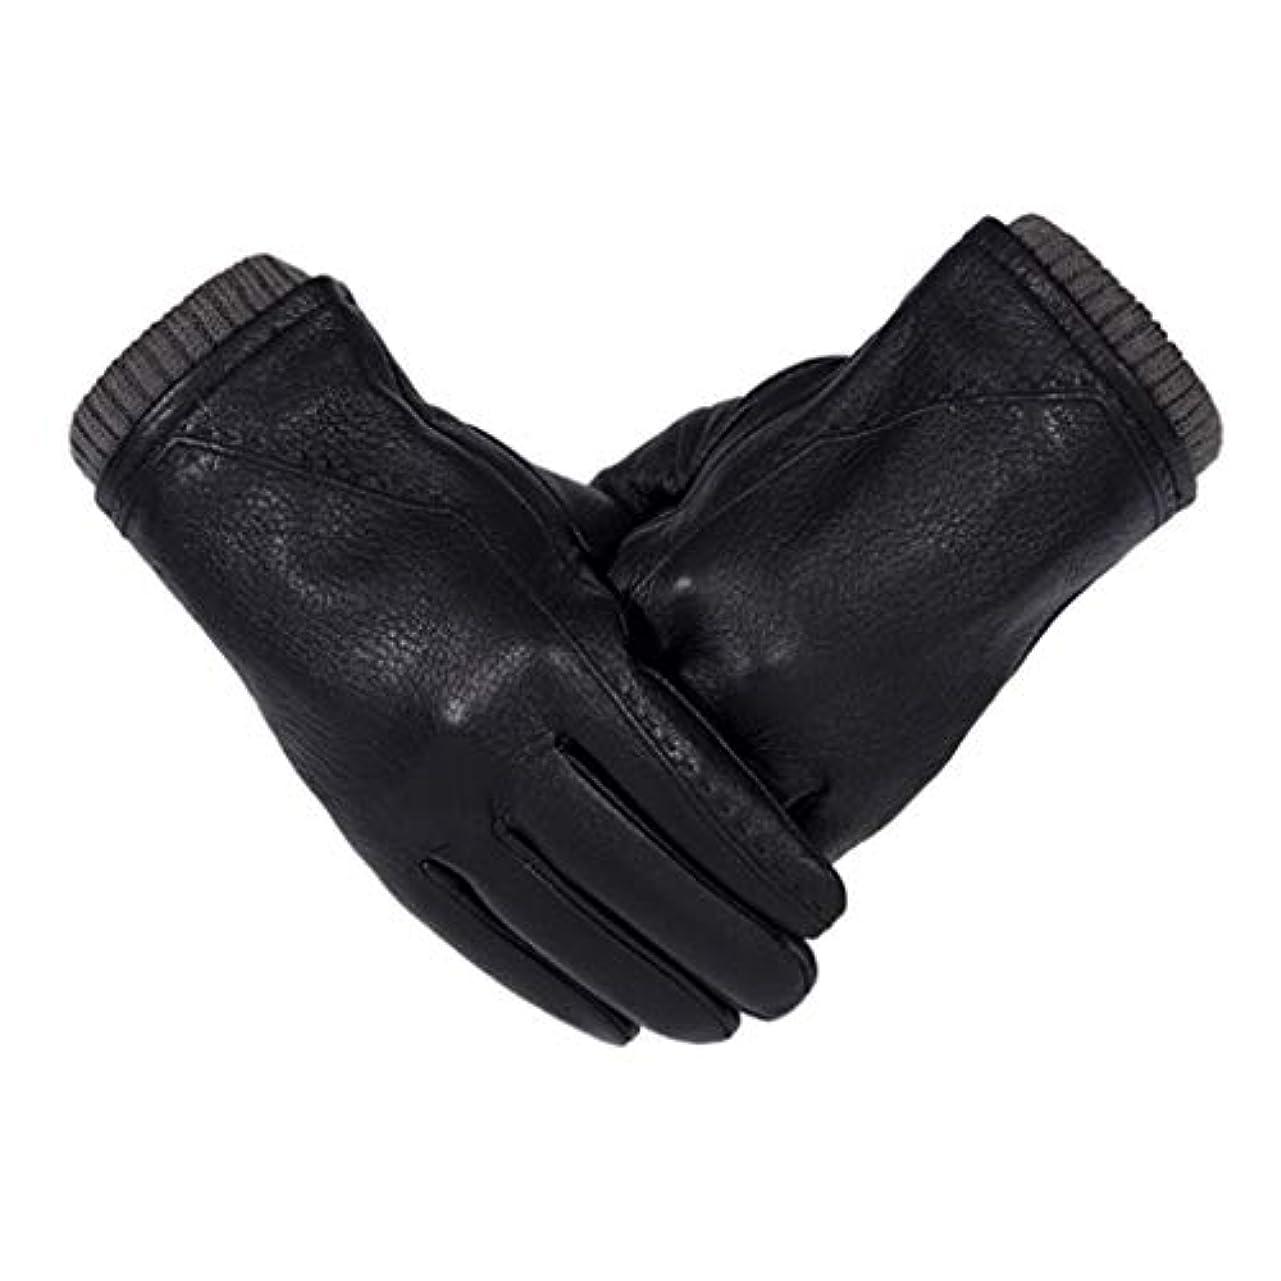 なめらか夕方休憩する革の手袋男性の冬の厚いタッチタッチスクリーン駆動サイクリング男性の暖かい手袋